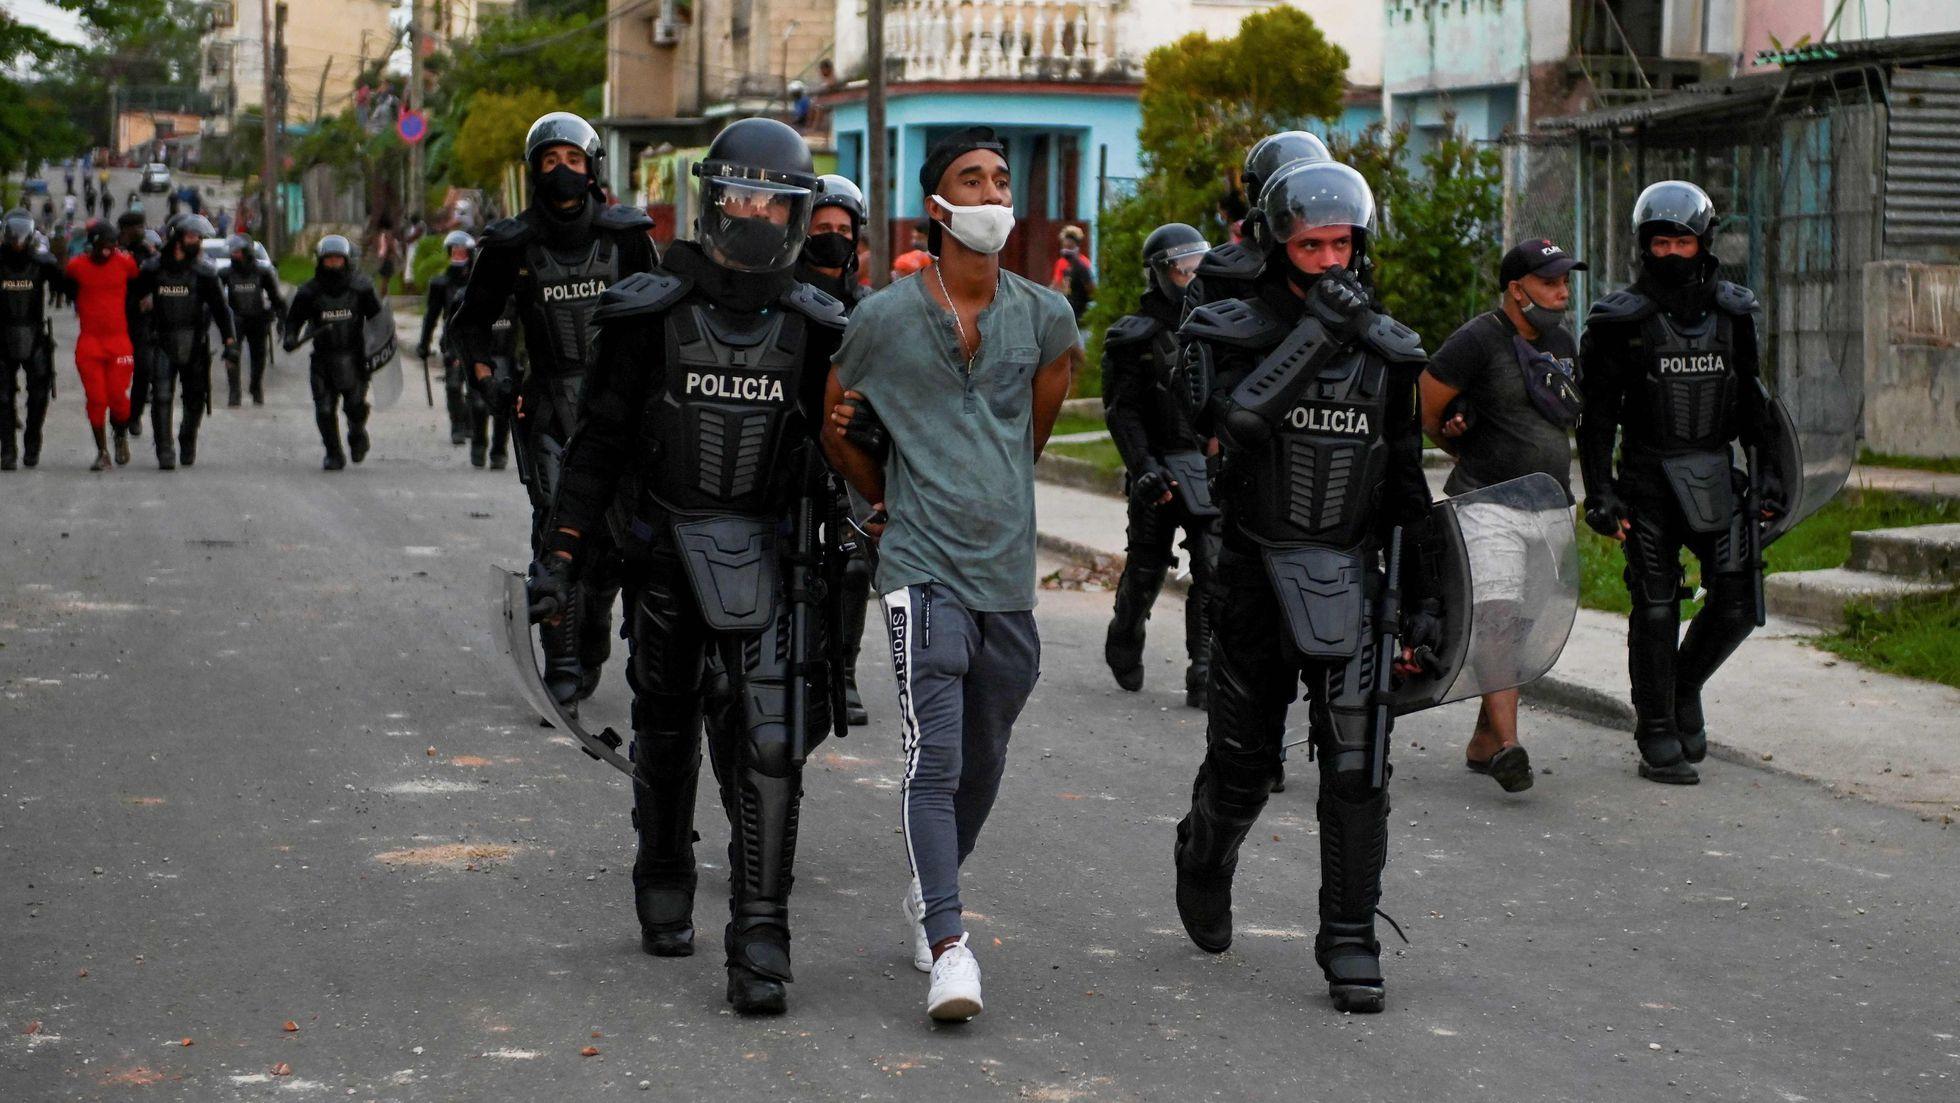 Régimen amenaza con consecuencias penales a organizadores de marcha del 15N